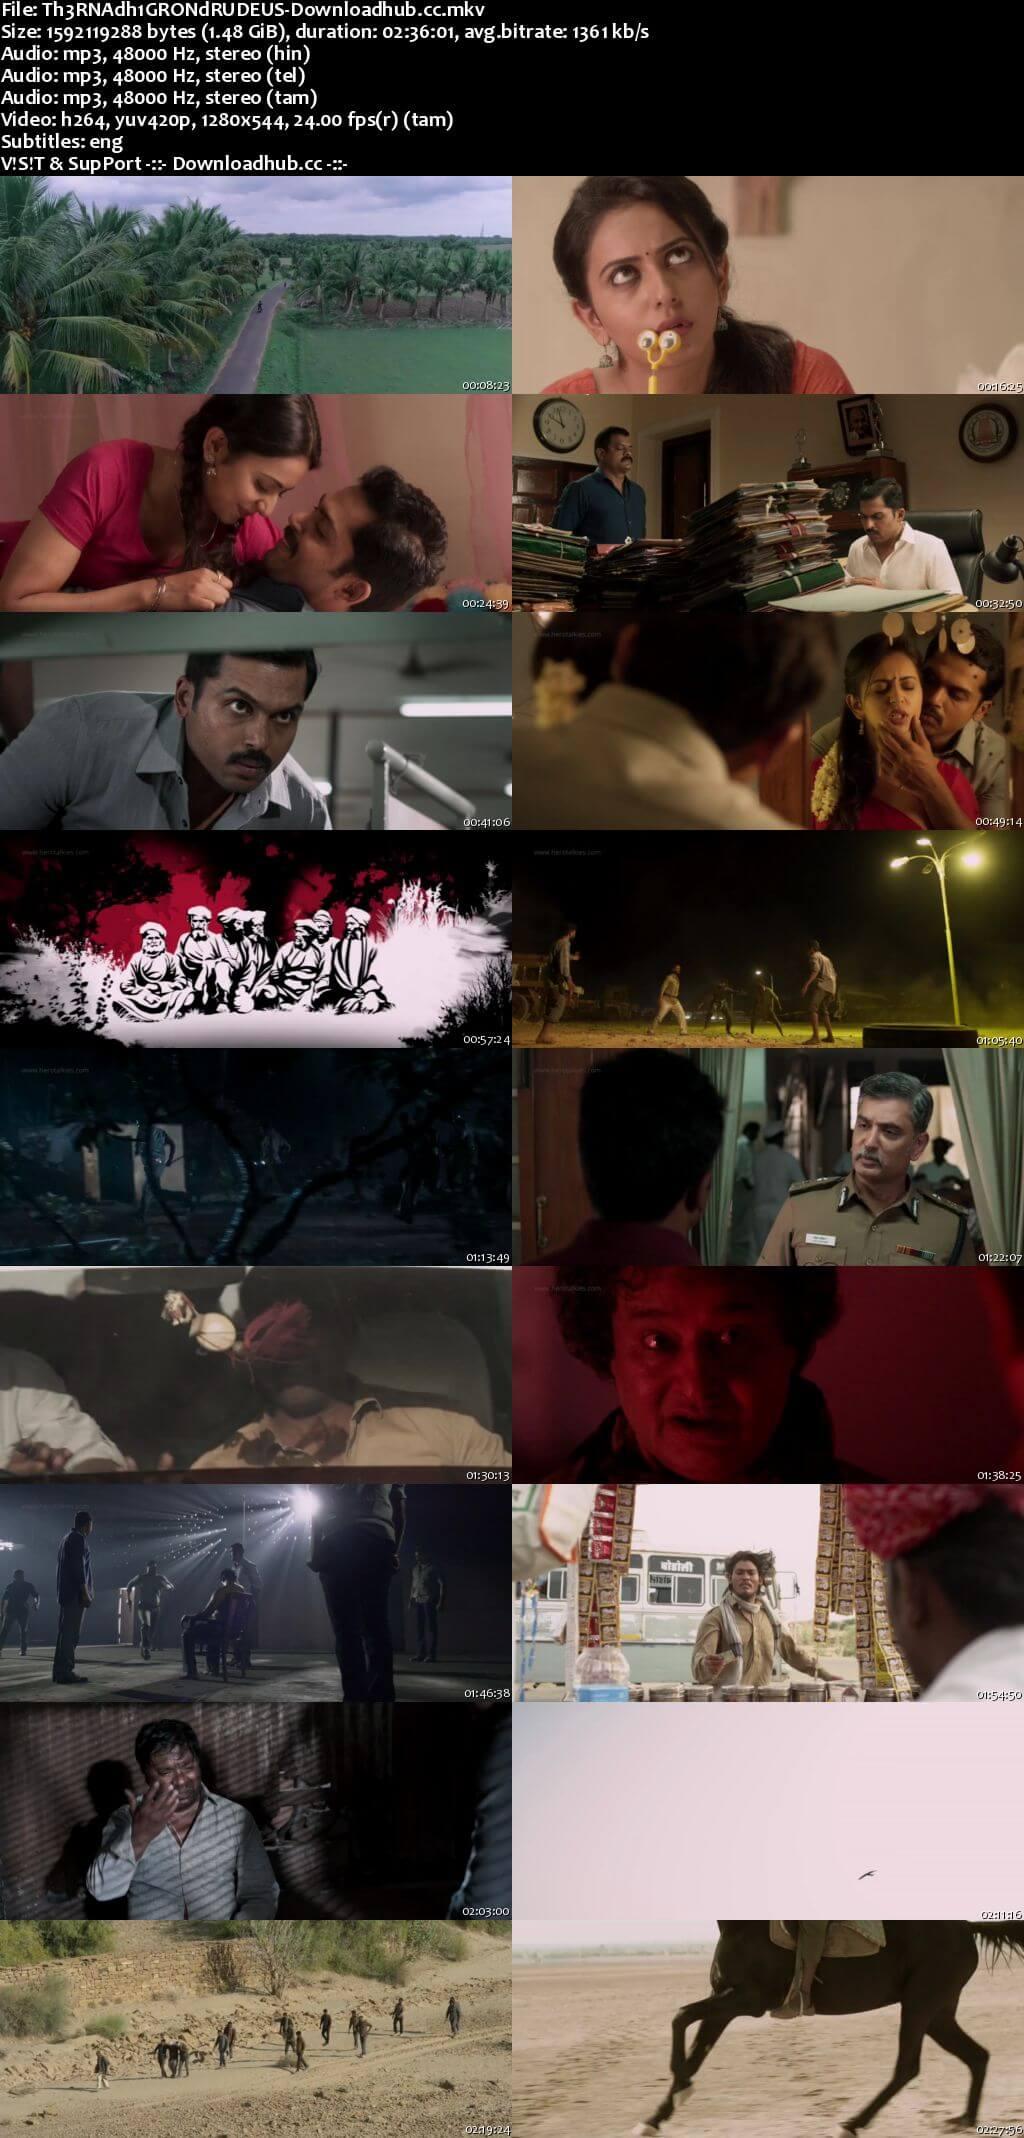 Theeran Adhigaaram Ondru 2017 UNCUT Hindi Dual Audio 720p HDRip Free Download